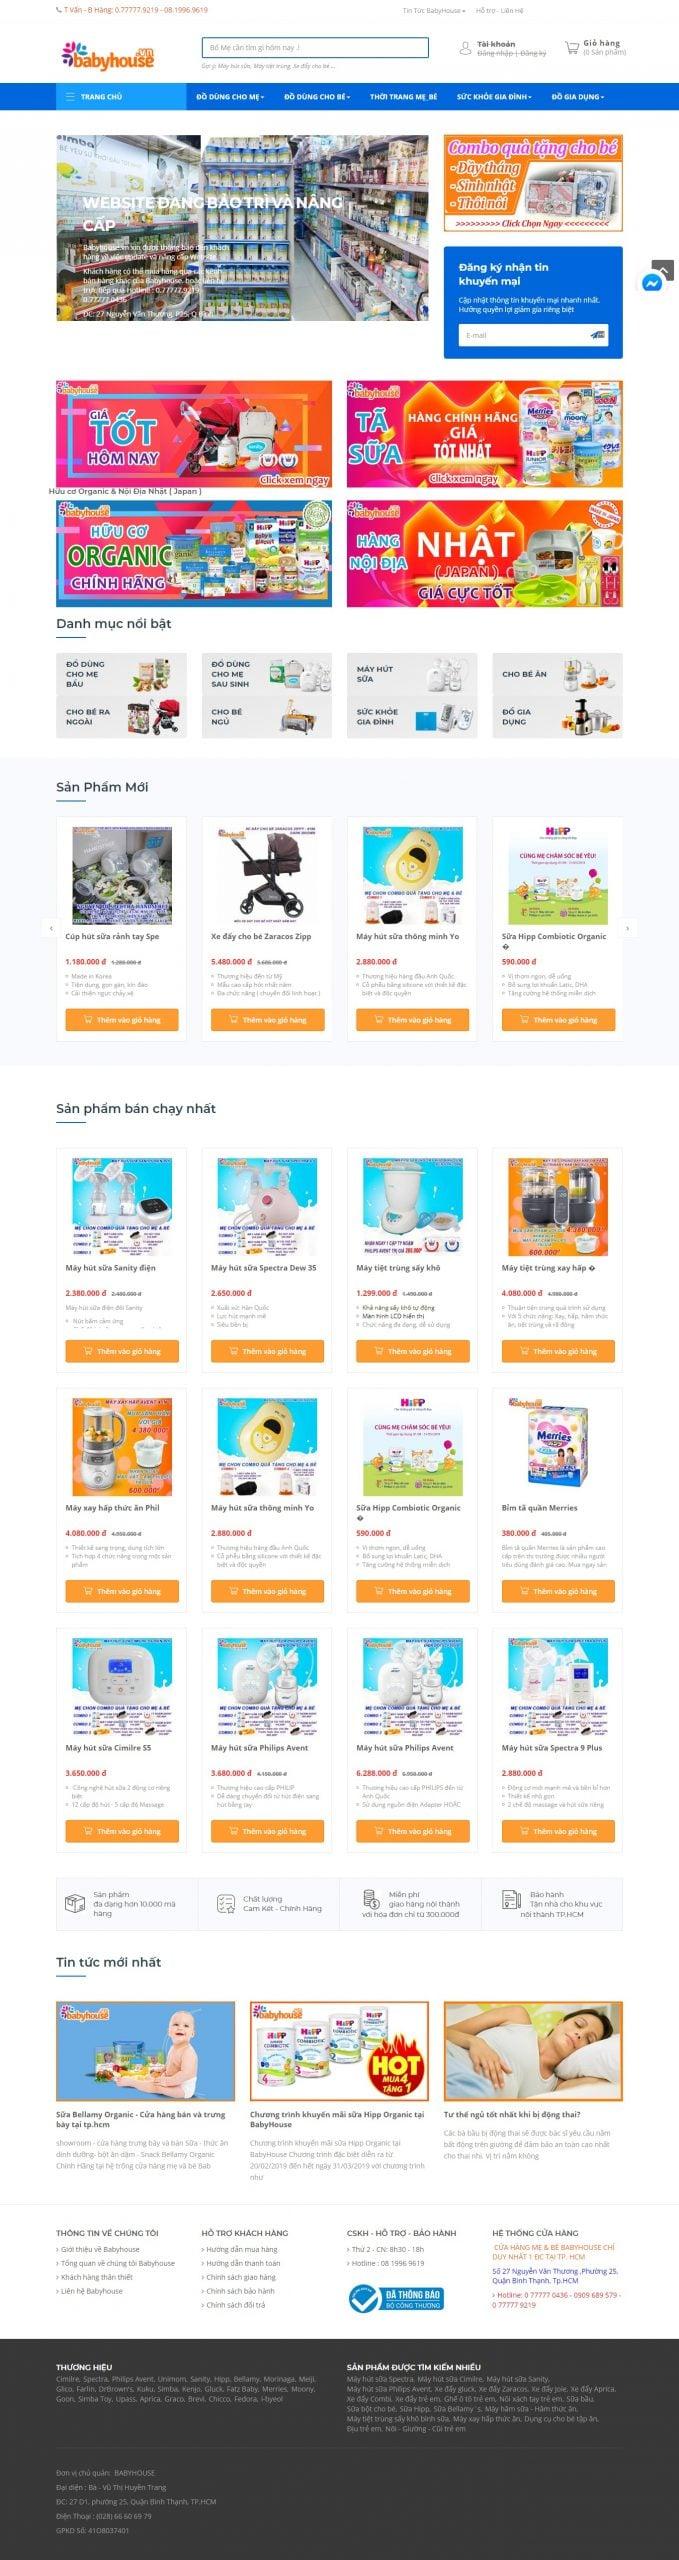 Mẫu thiết kế website bán hàng – babyhouse.vn Hệ thống cửa hàng Mẹ và Bé Babyhouse